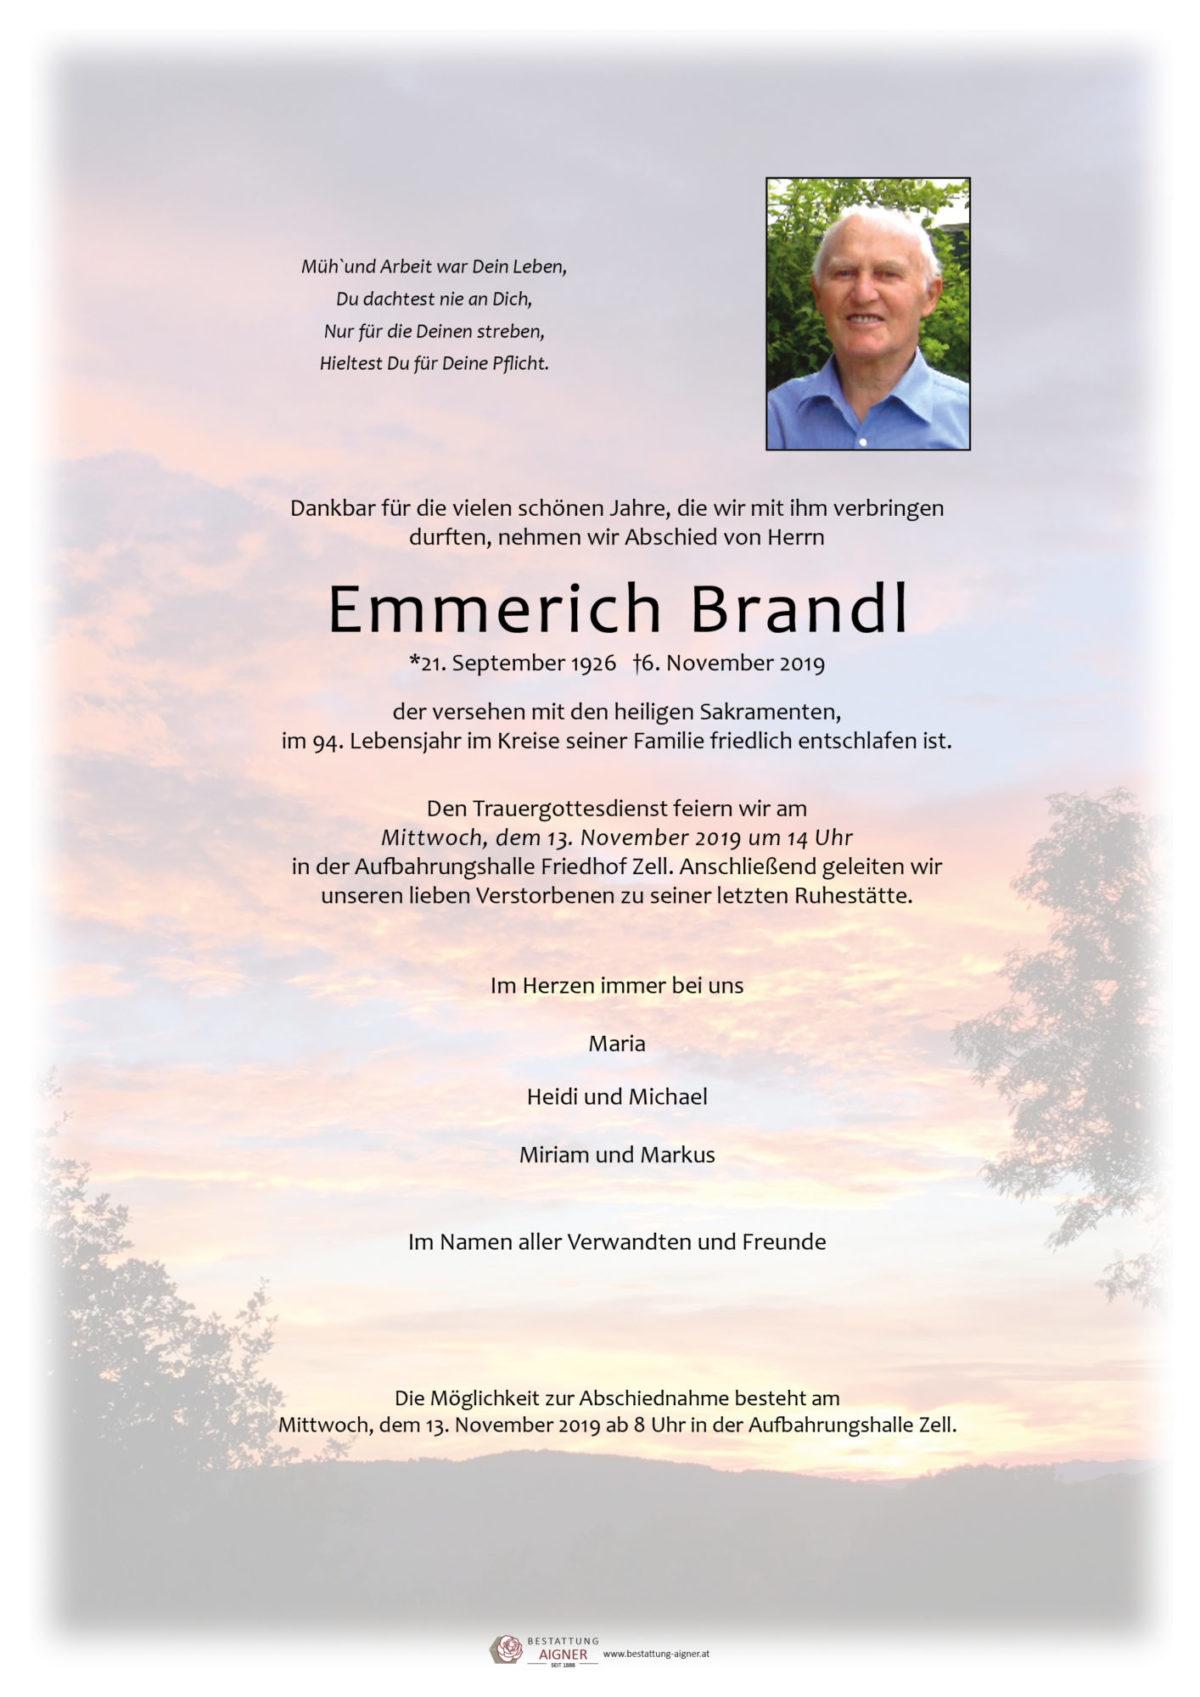 Emmerich Brandl